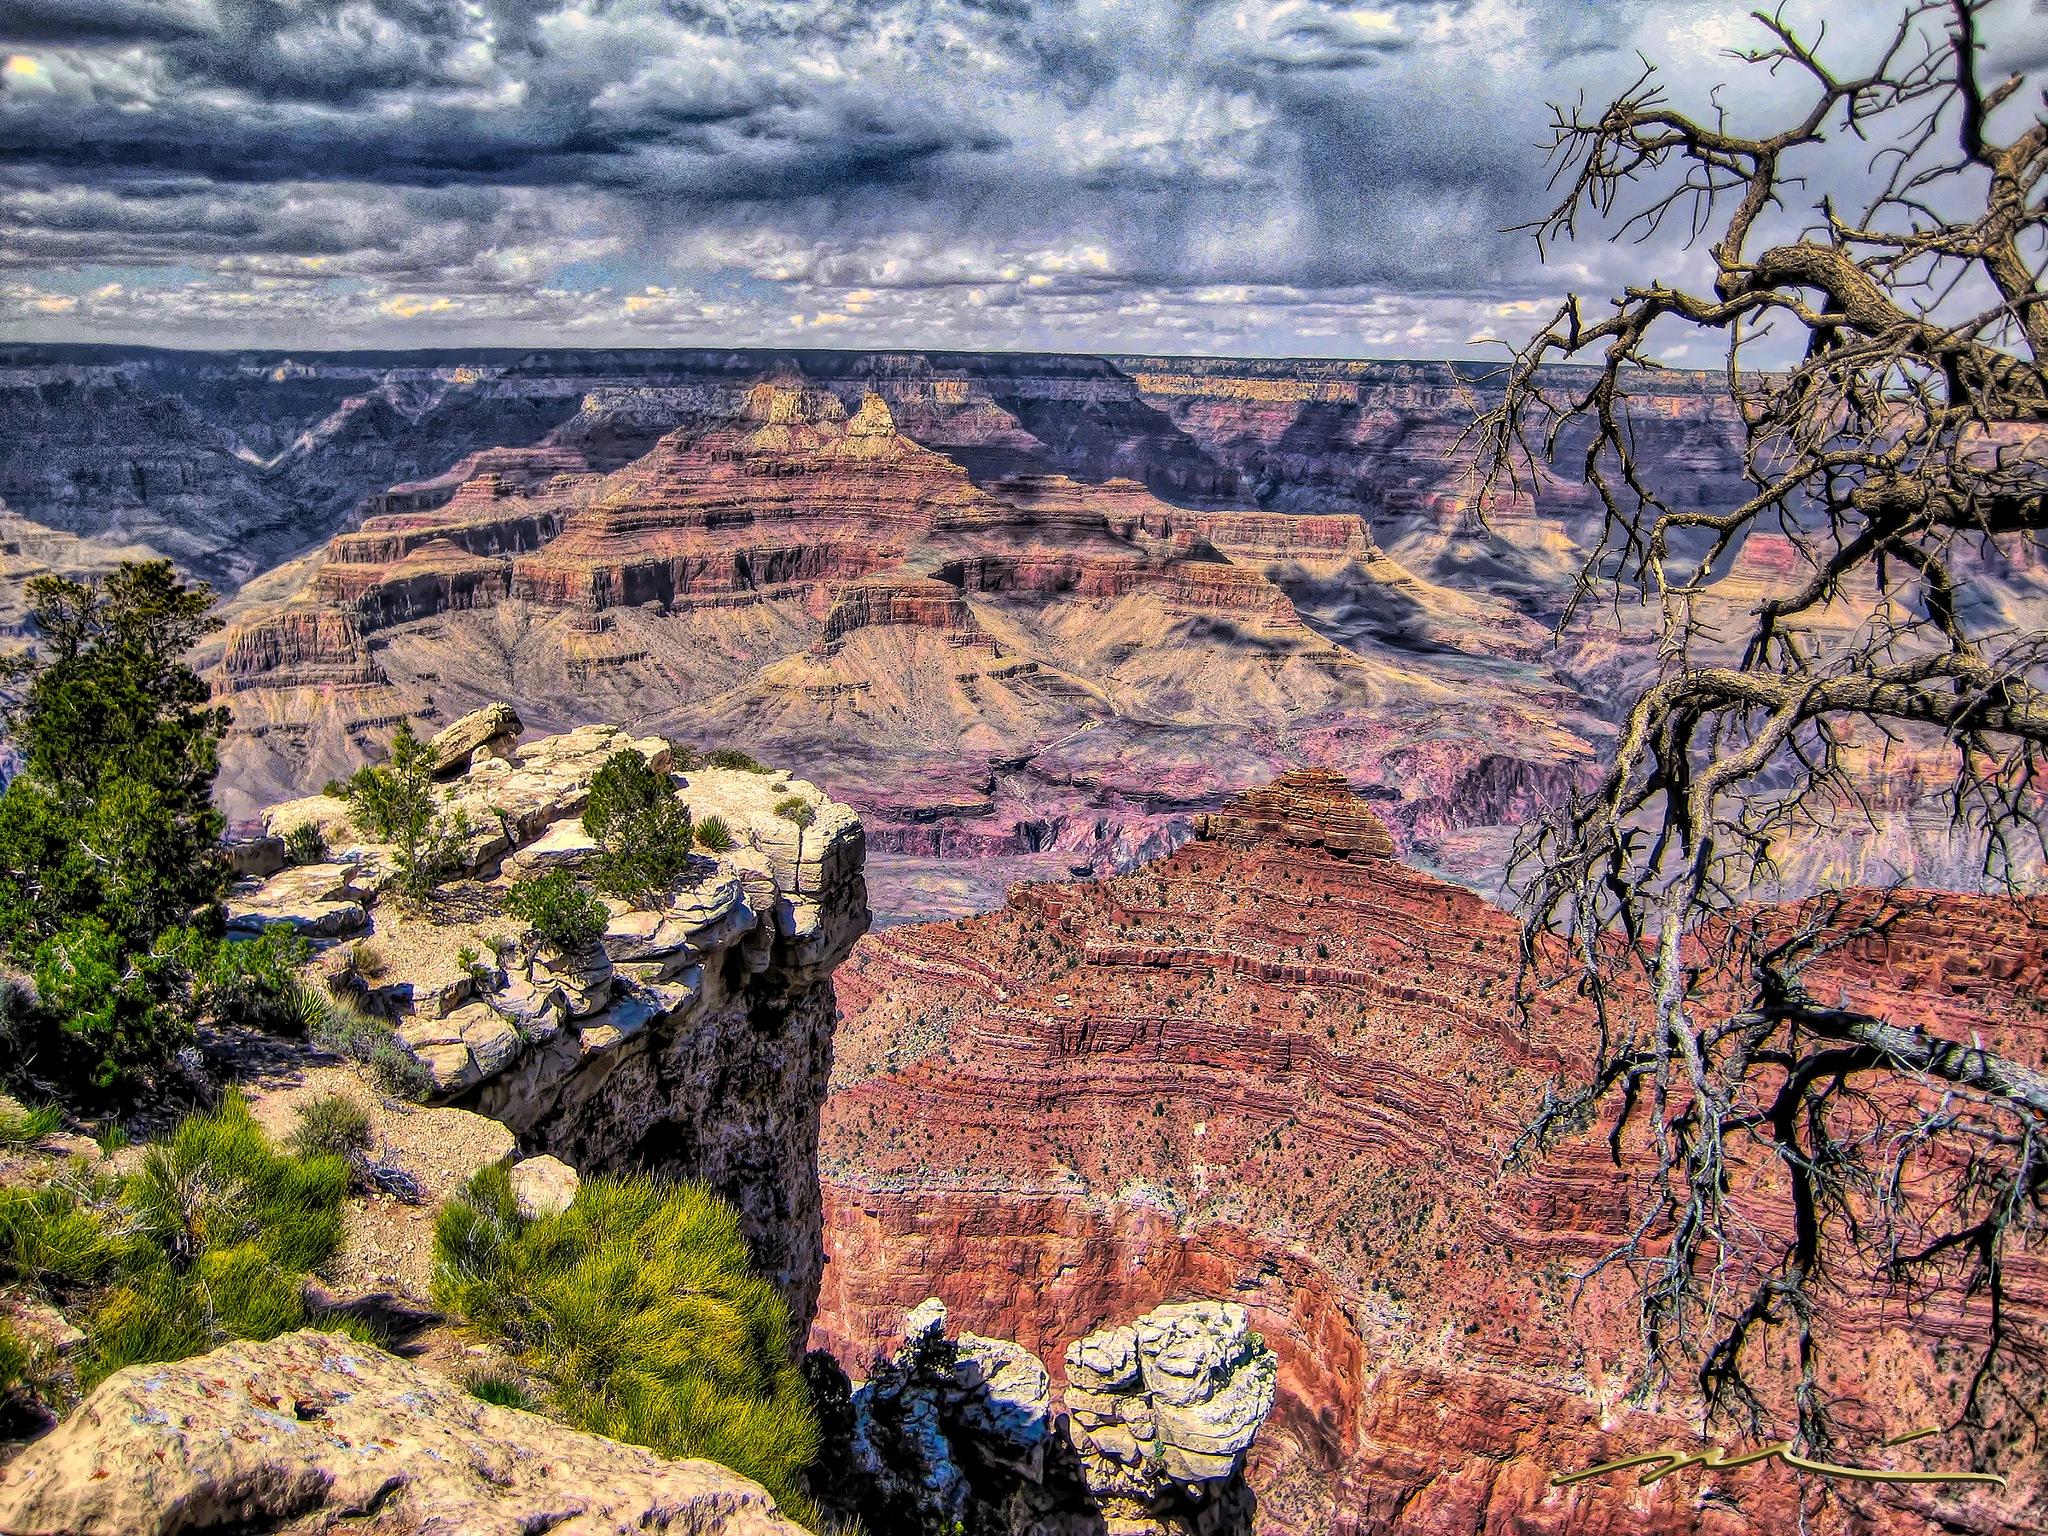 Grand Canyon USA by Michael D. Davis